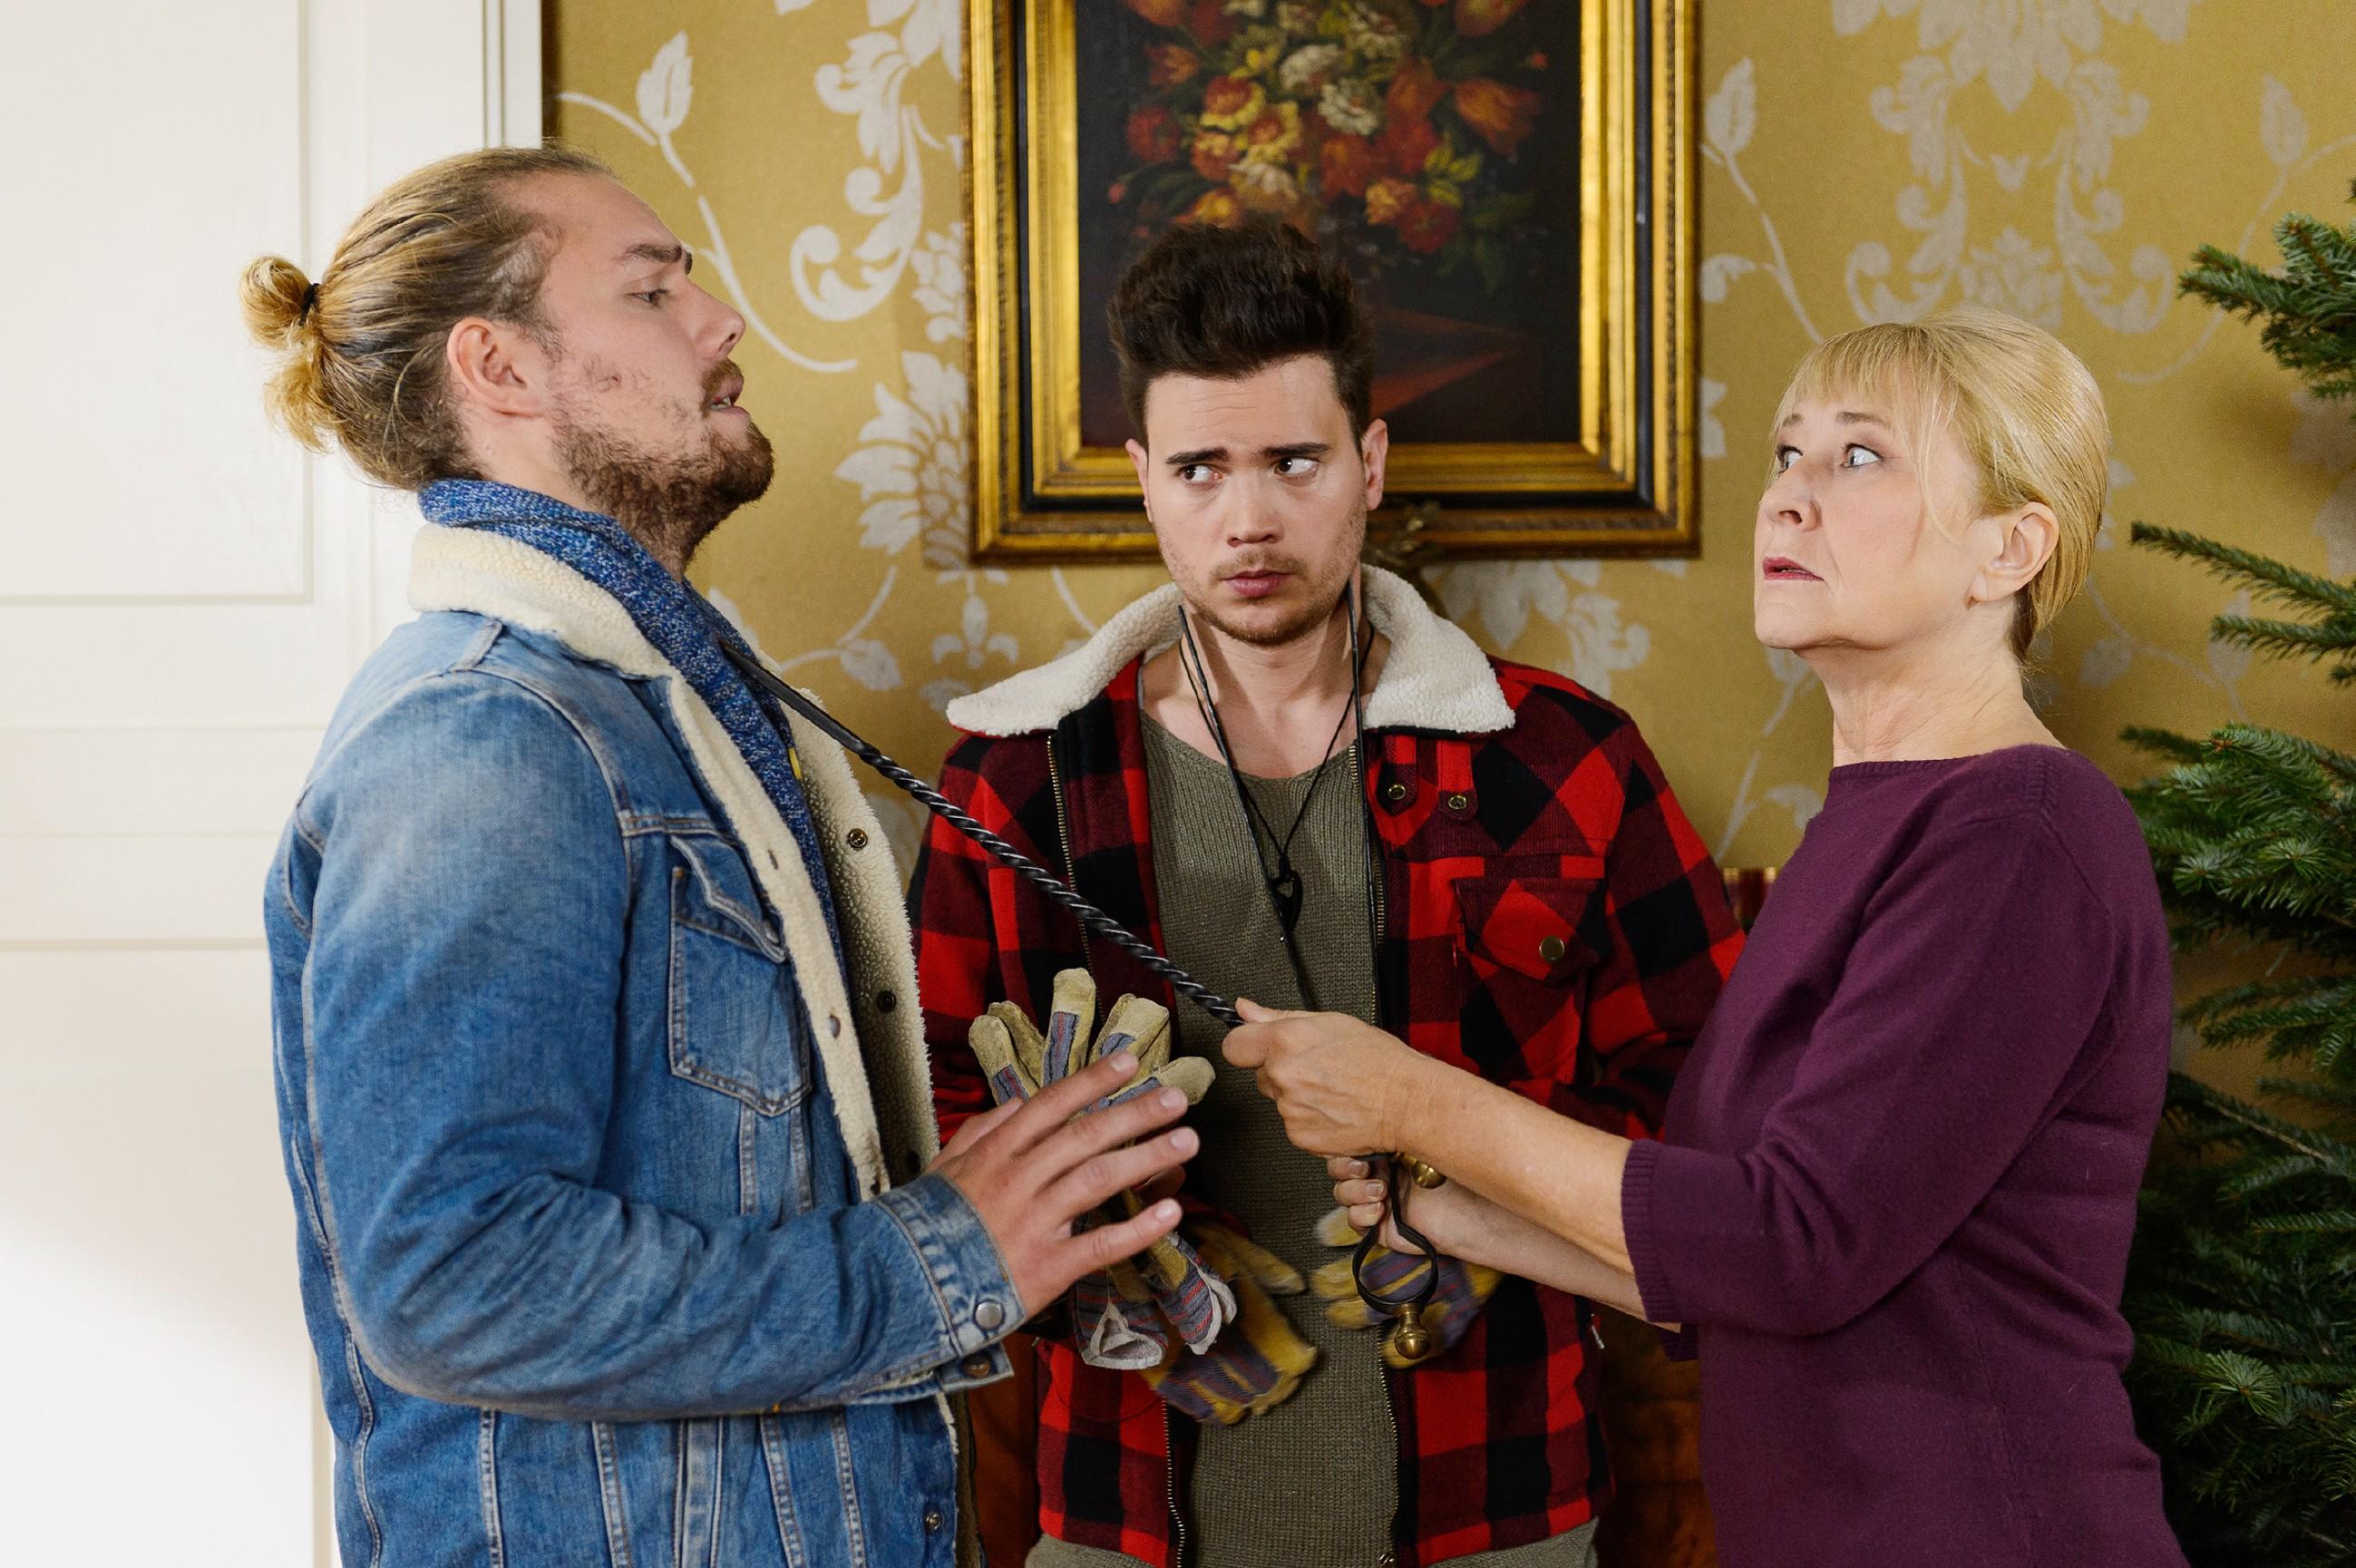 Leo (Julian Bayer, l.) und Ronny (Bela Klentze) erklären Frau Scholz (Inge Brings) kleinlaut, dass sie den gebrachten Weihnachtsbaum leider wieder mitnehmen müssen. Doch da haben sie die resolute Haushälterin wohl unterschätzt...